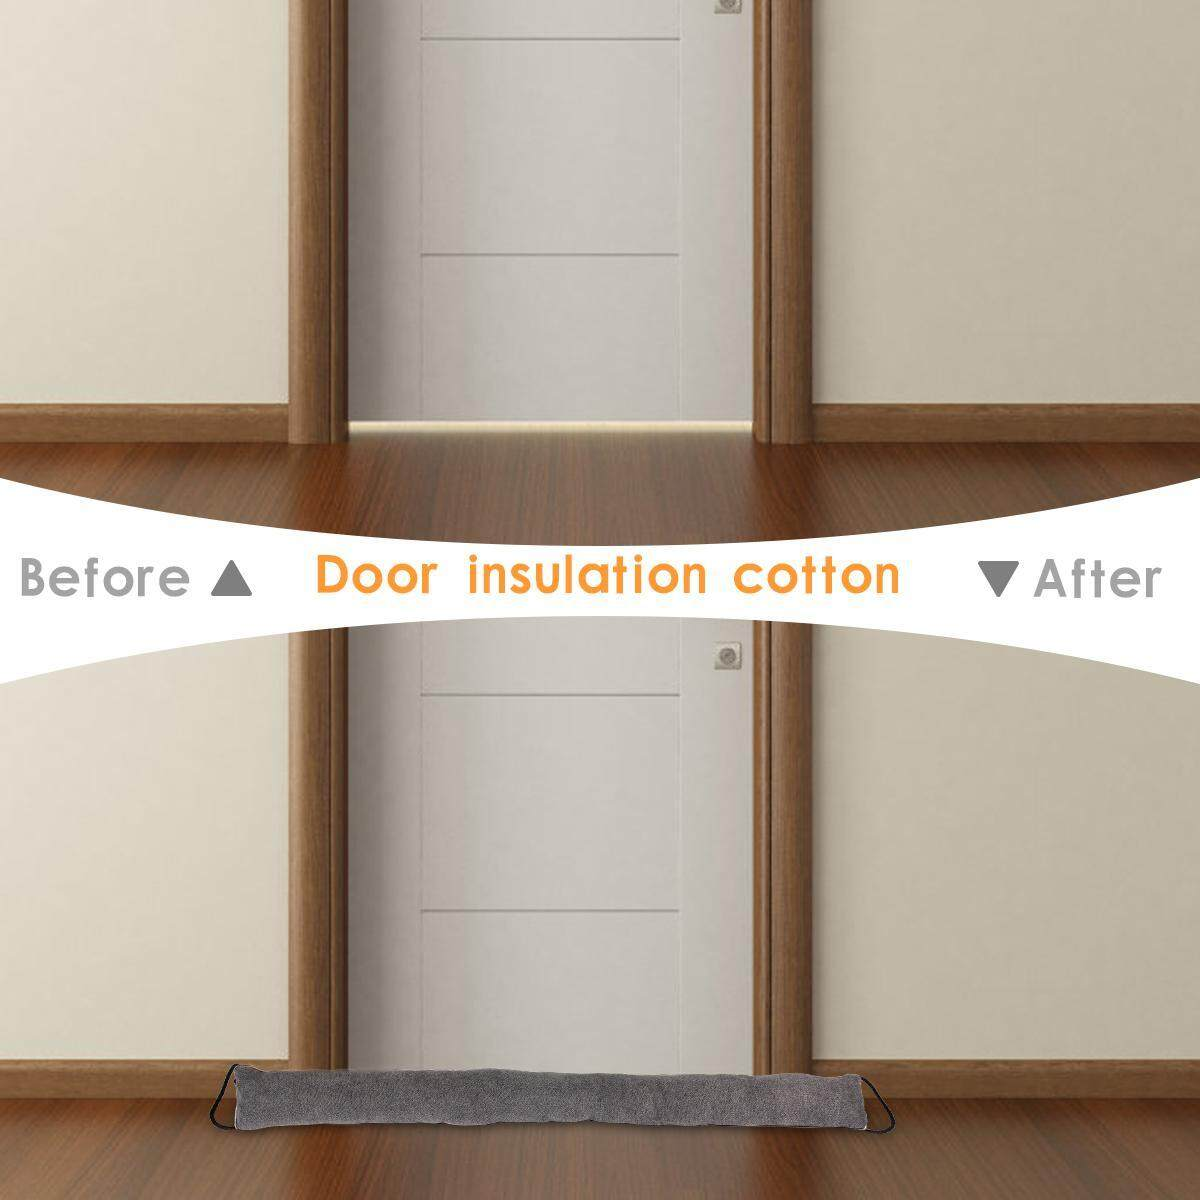 OnLook Door Noise Blocker, Weather Stripping for Doors Draft Stopper Sound Proof Bottom Seal Heavy Duty Reduce Noise Saving Energy Under Door Guard, 90x10x6CM (Grey)